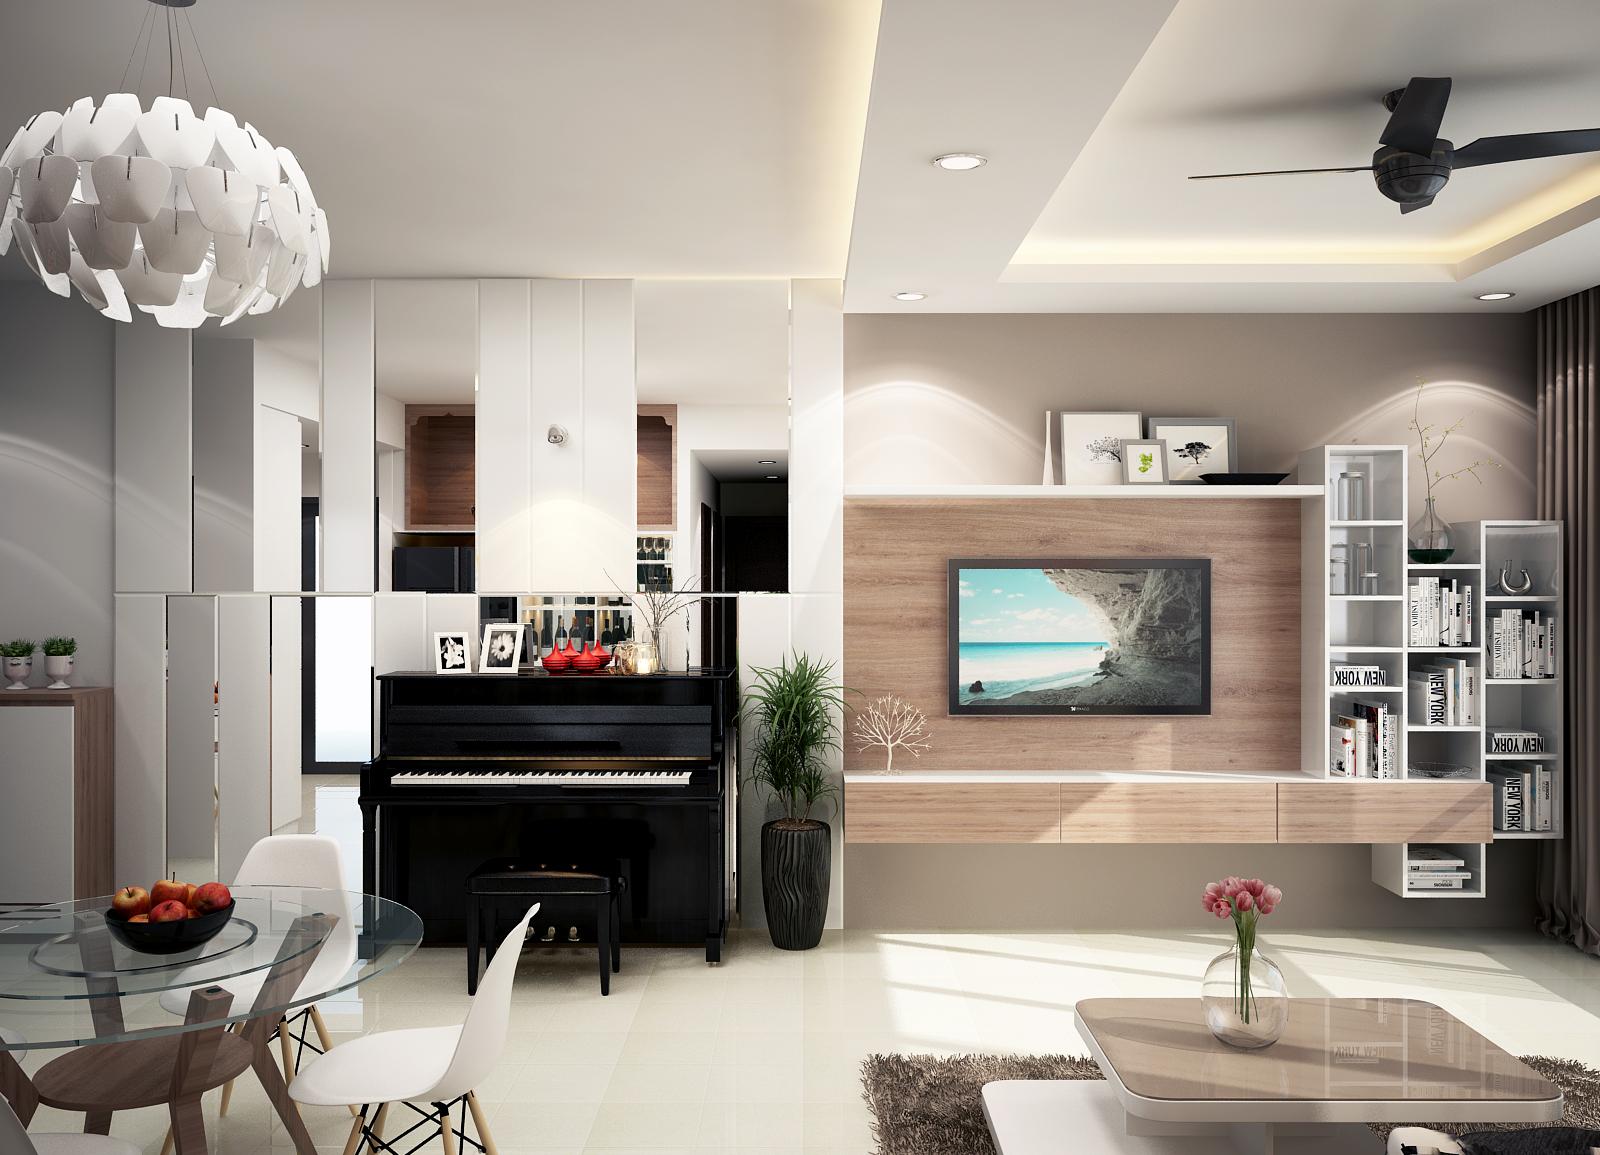 noi that phong khach 08 - Thiết kế nội thất cho căn hộ chung cư nhỏ nhắn, tiện lợi